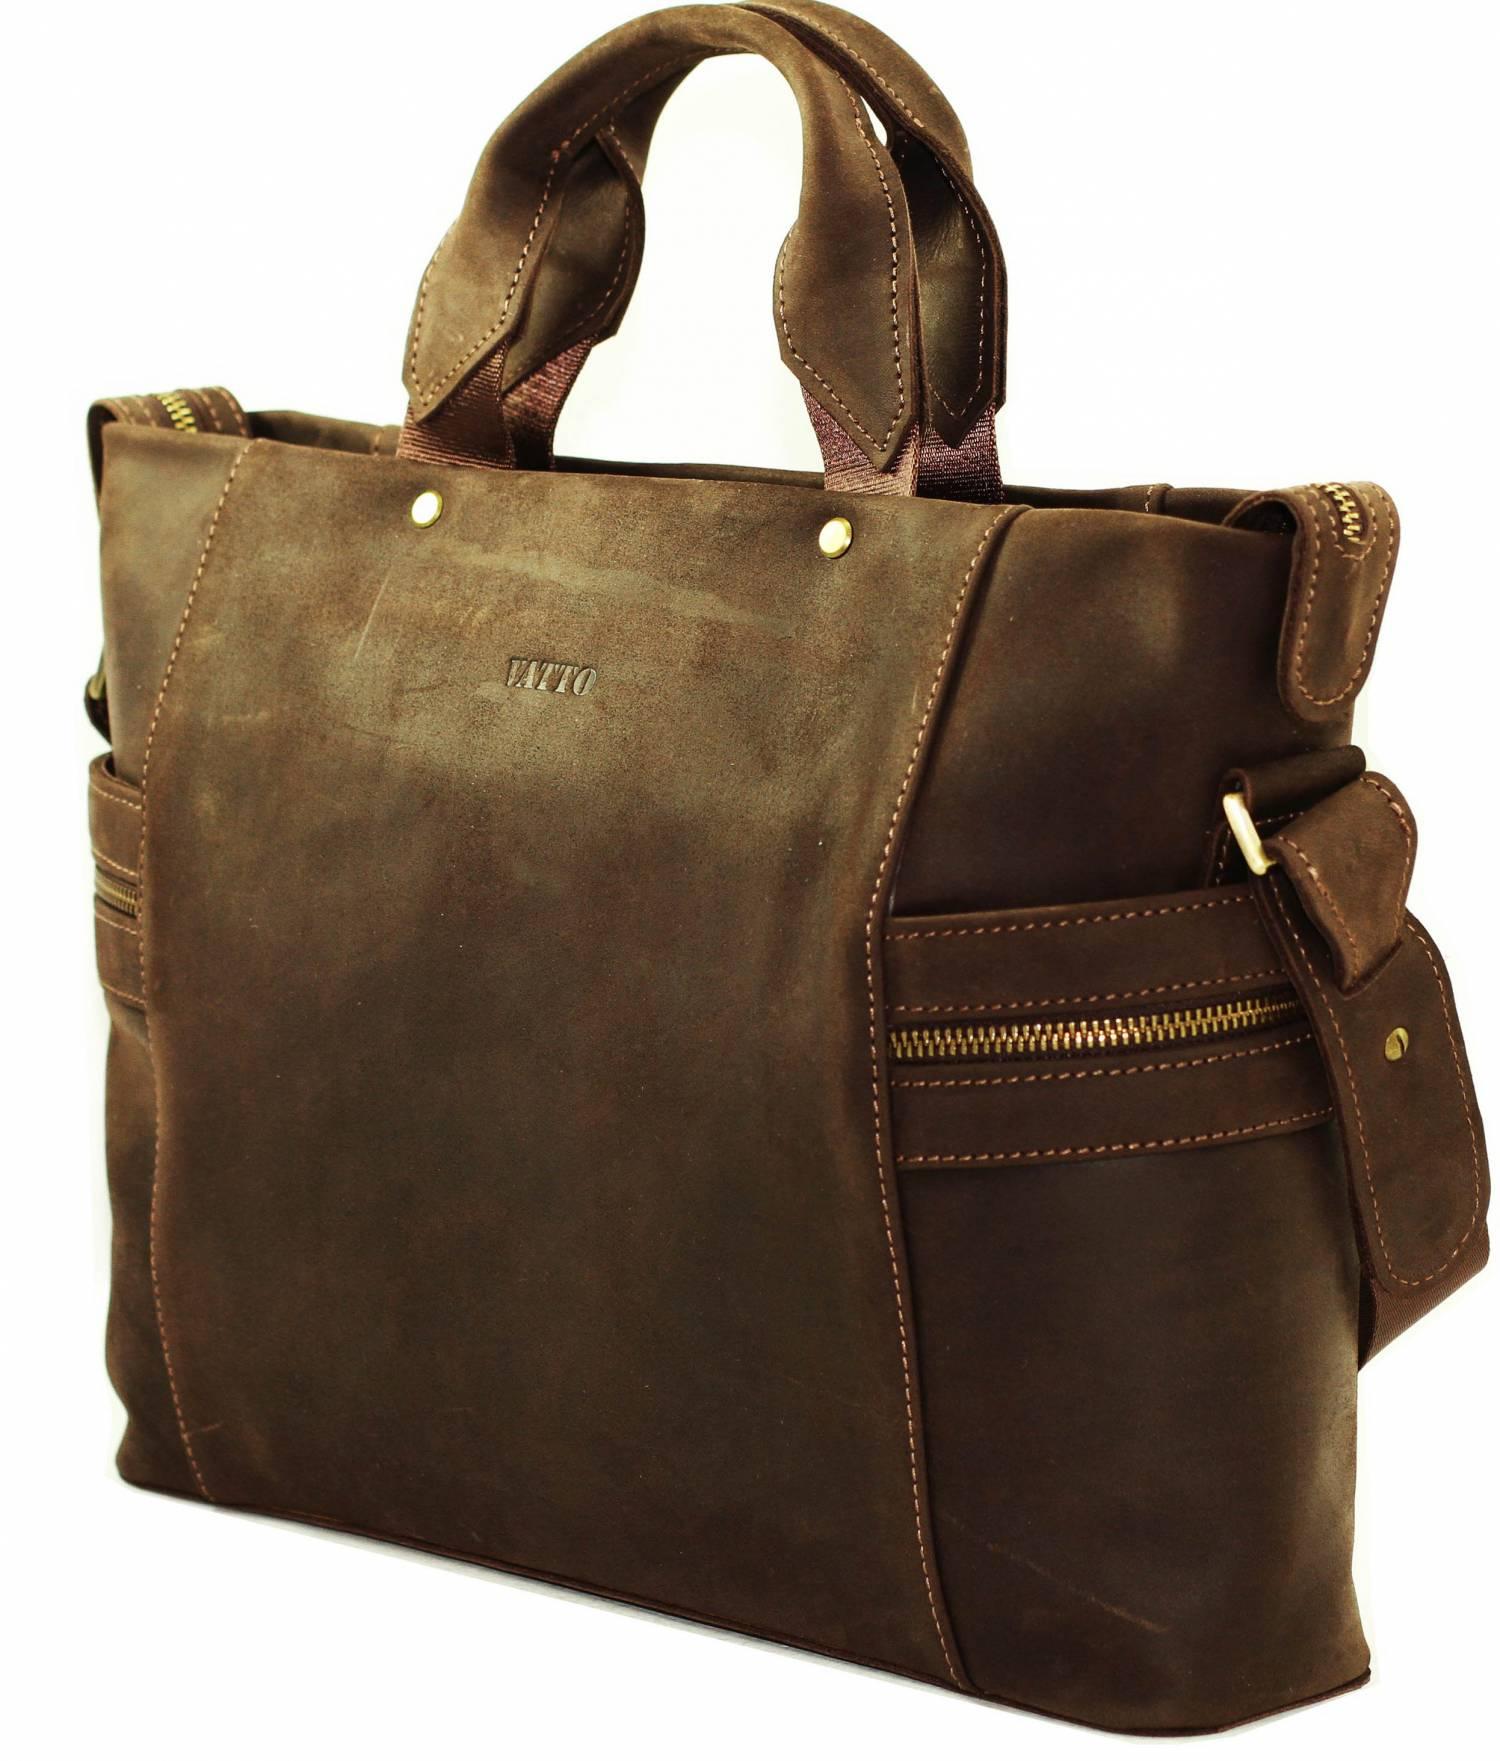 2b43396a5e1e Мужская сумка VATTO Mk39.1 Kr450. Цена, купить Мужская сумка VATTO ...